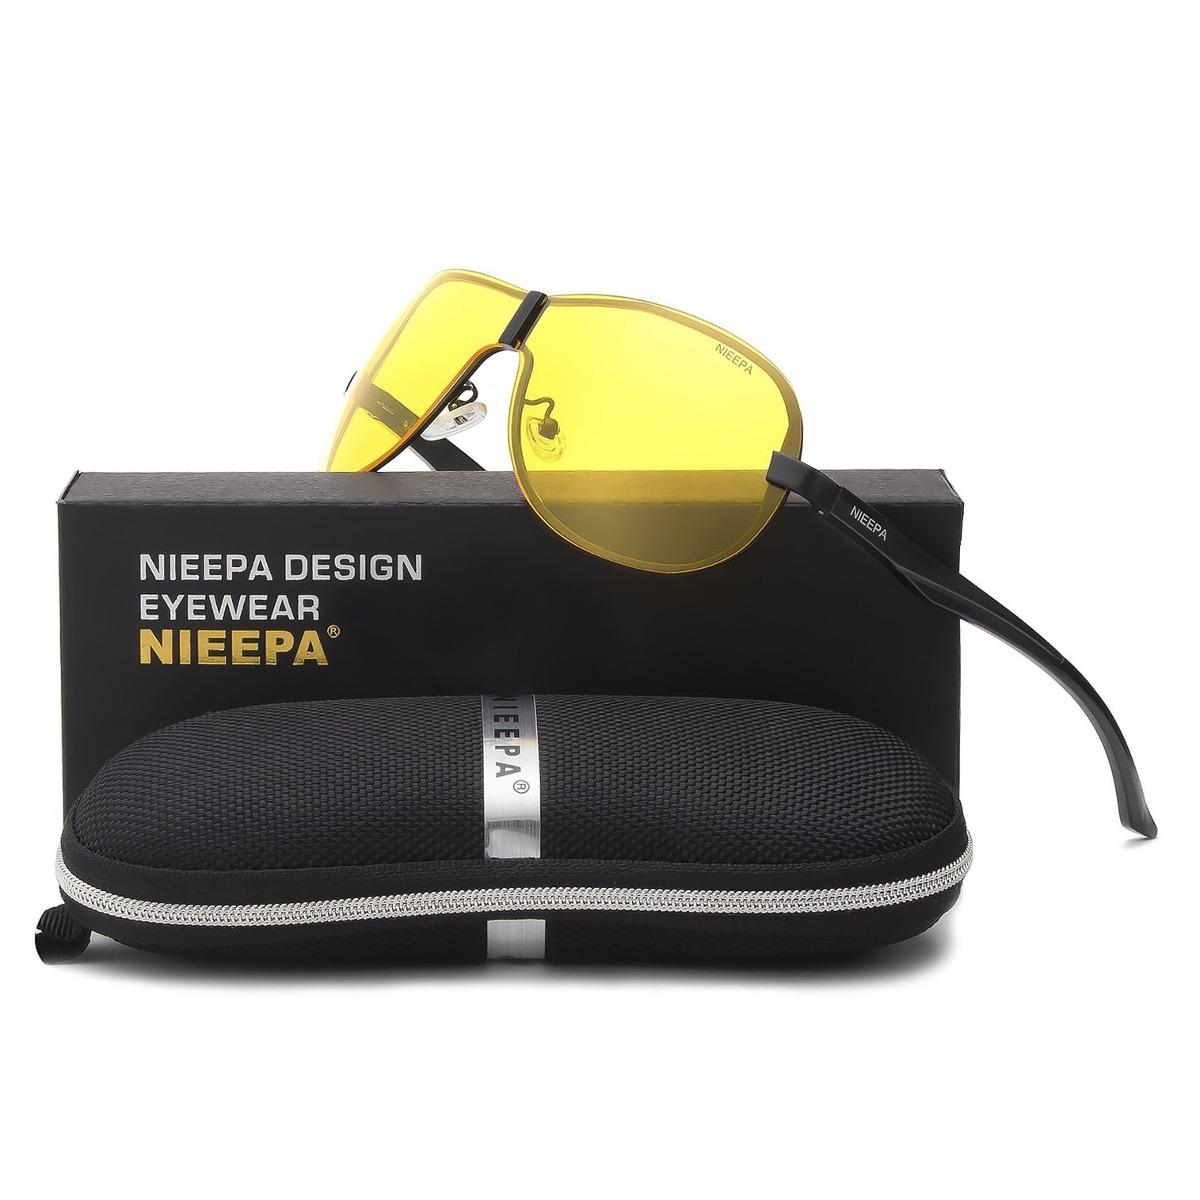 25ba772857 Neepa Hombres Gafas De Sol Polarizadas Marca De Moda Sin. - S/ 137 ...